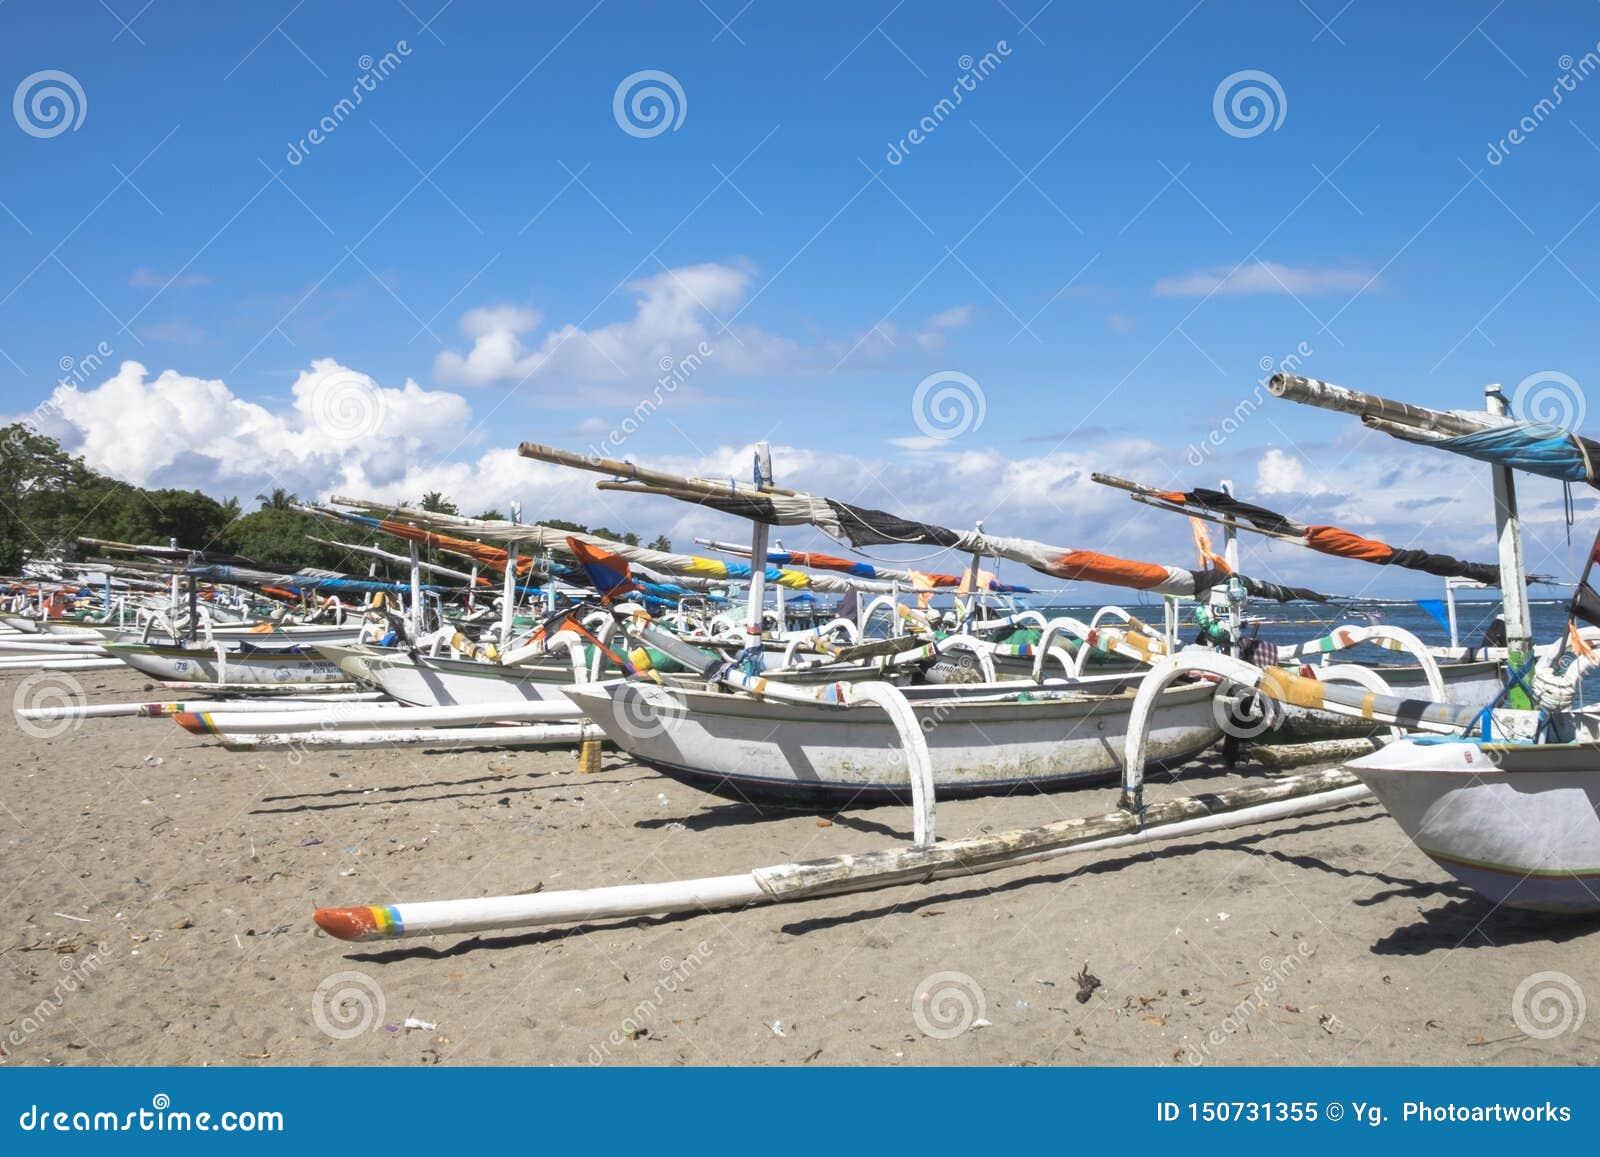 Estacionamento tradicional dos barcos de pesca na praia de Senggigi